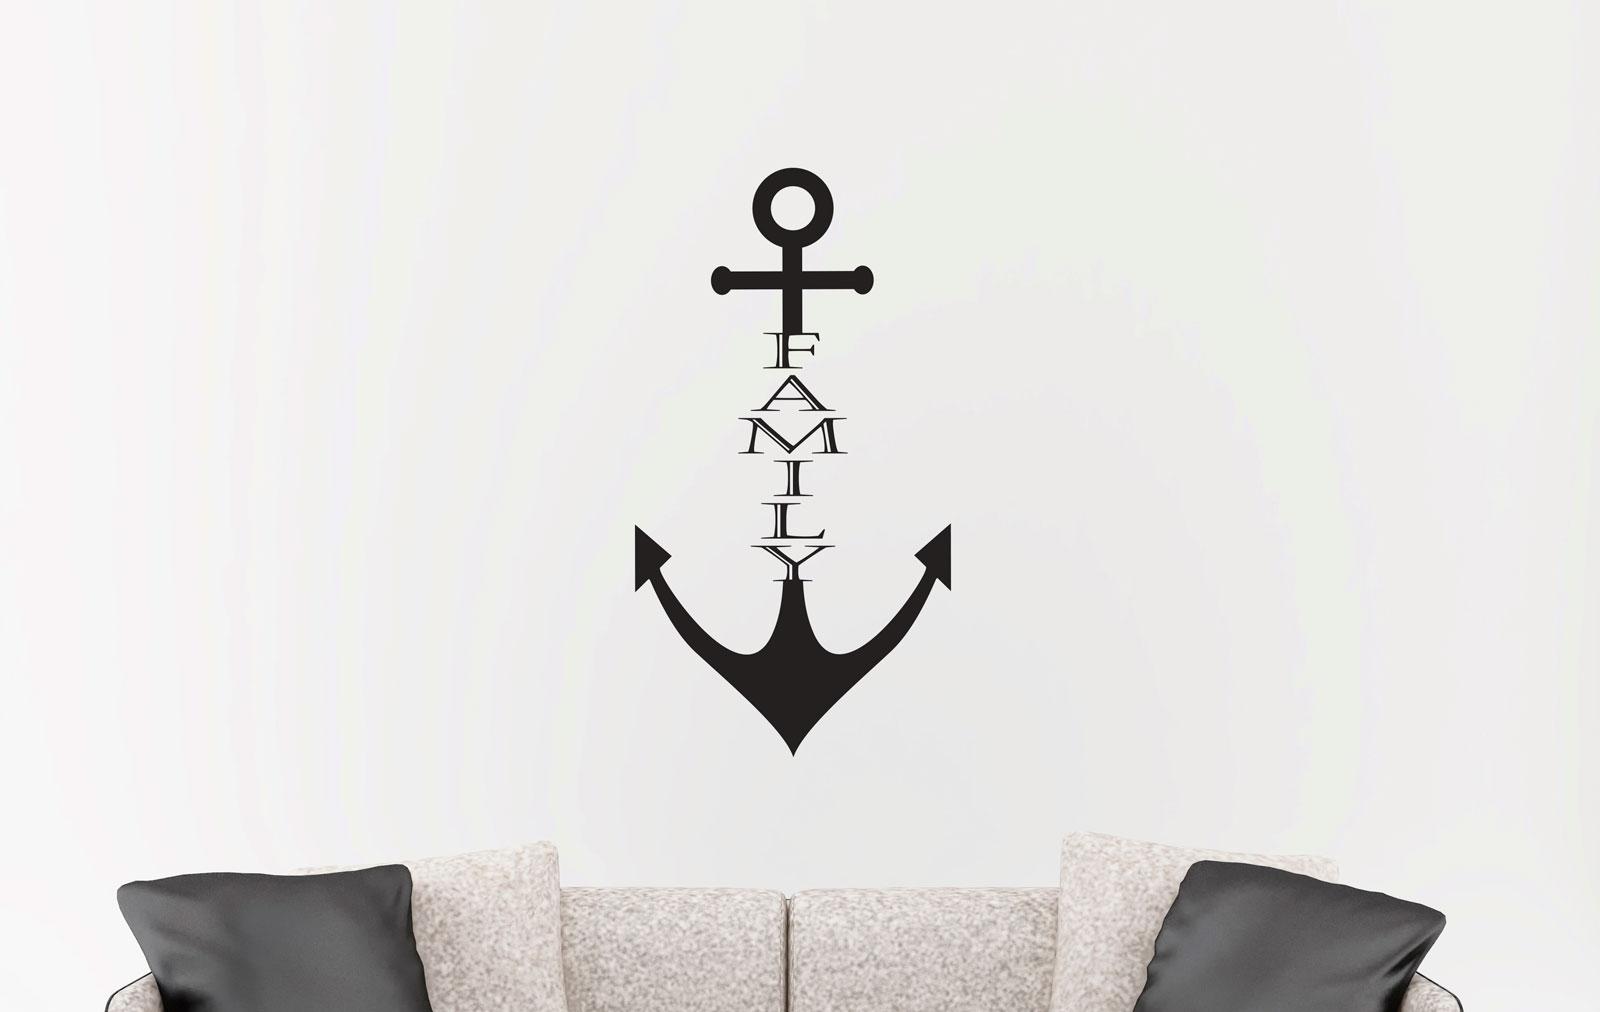 Family anchor wall sticker removable decal ozdeco ts polonaiz amipublicfo Image collections